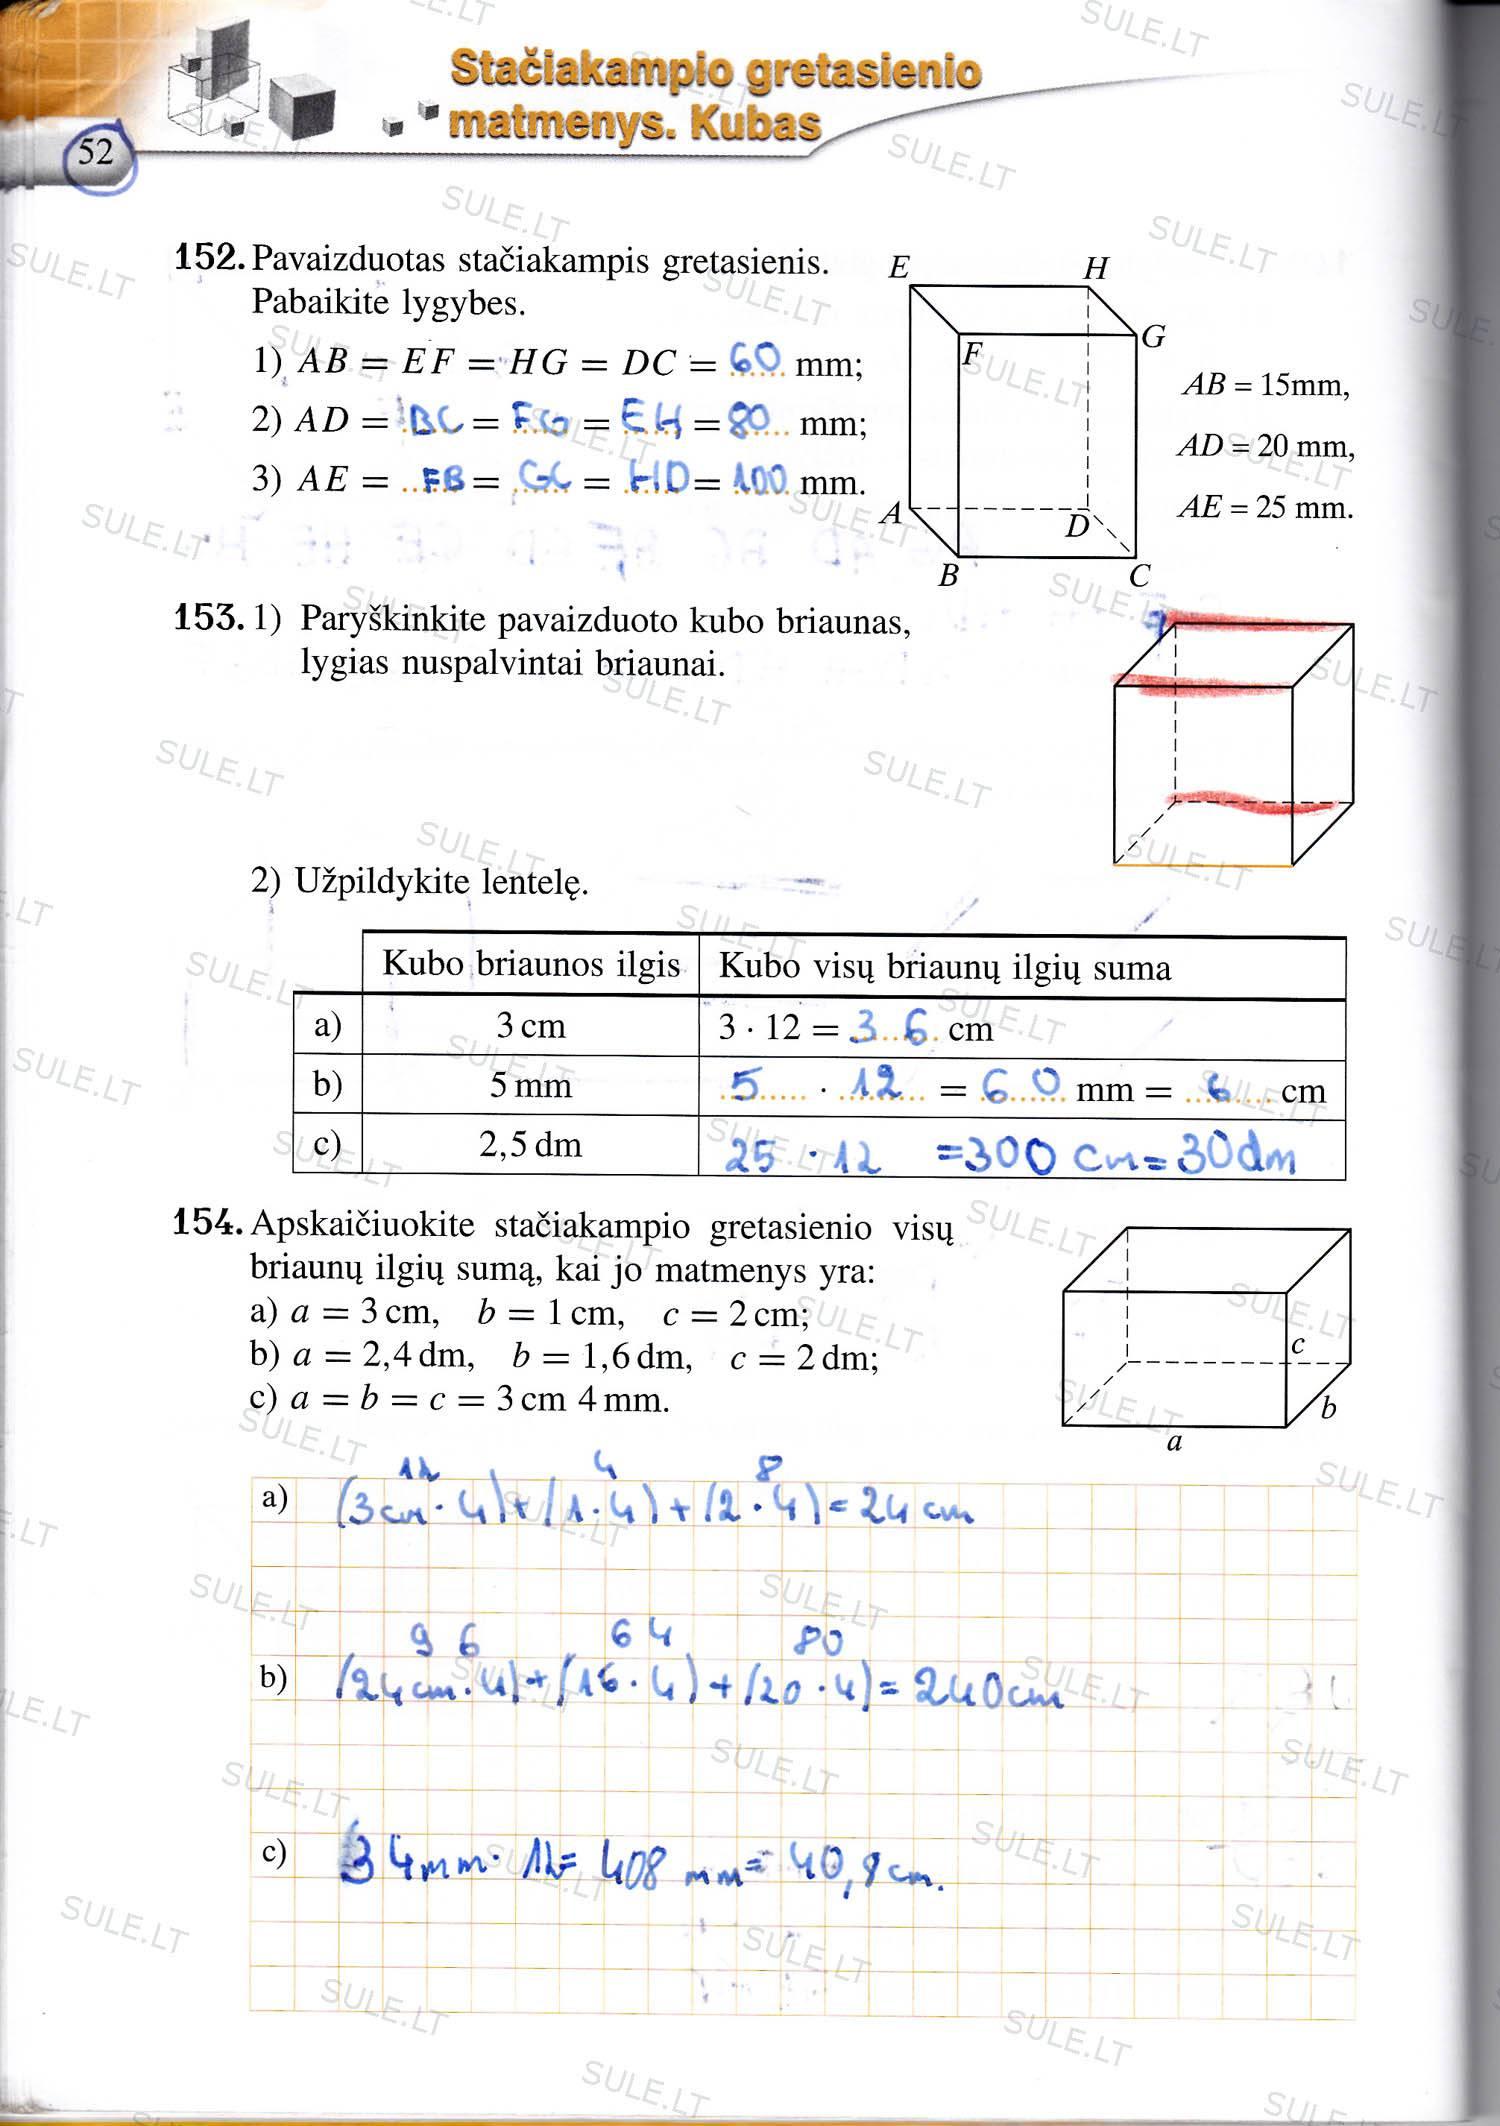 Peržiūrėti puslapį 53